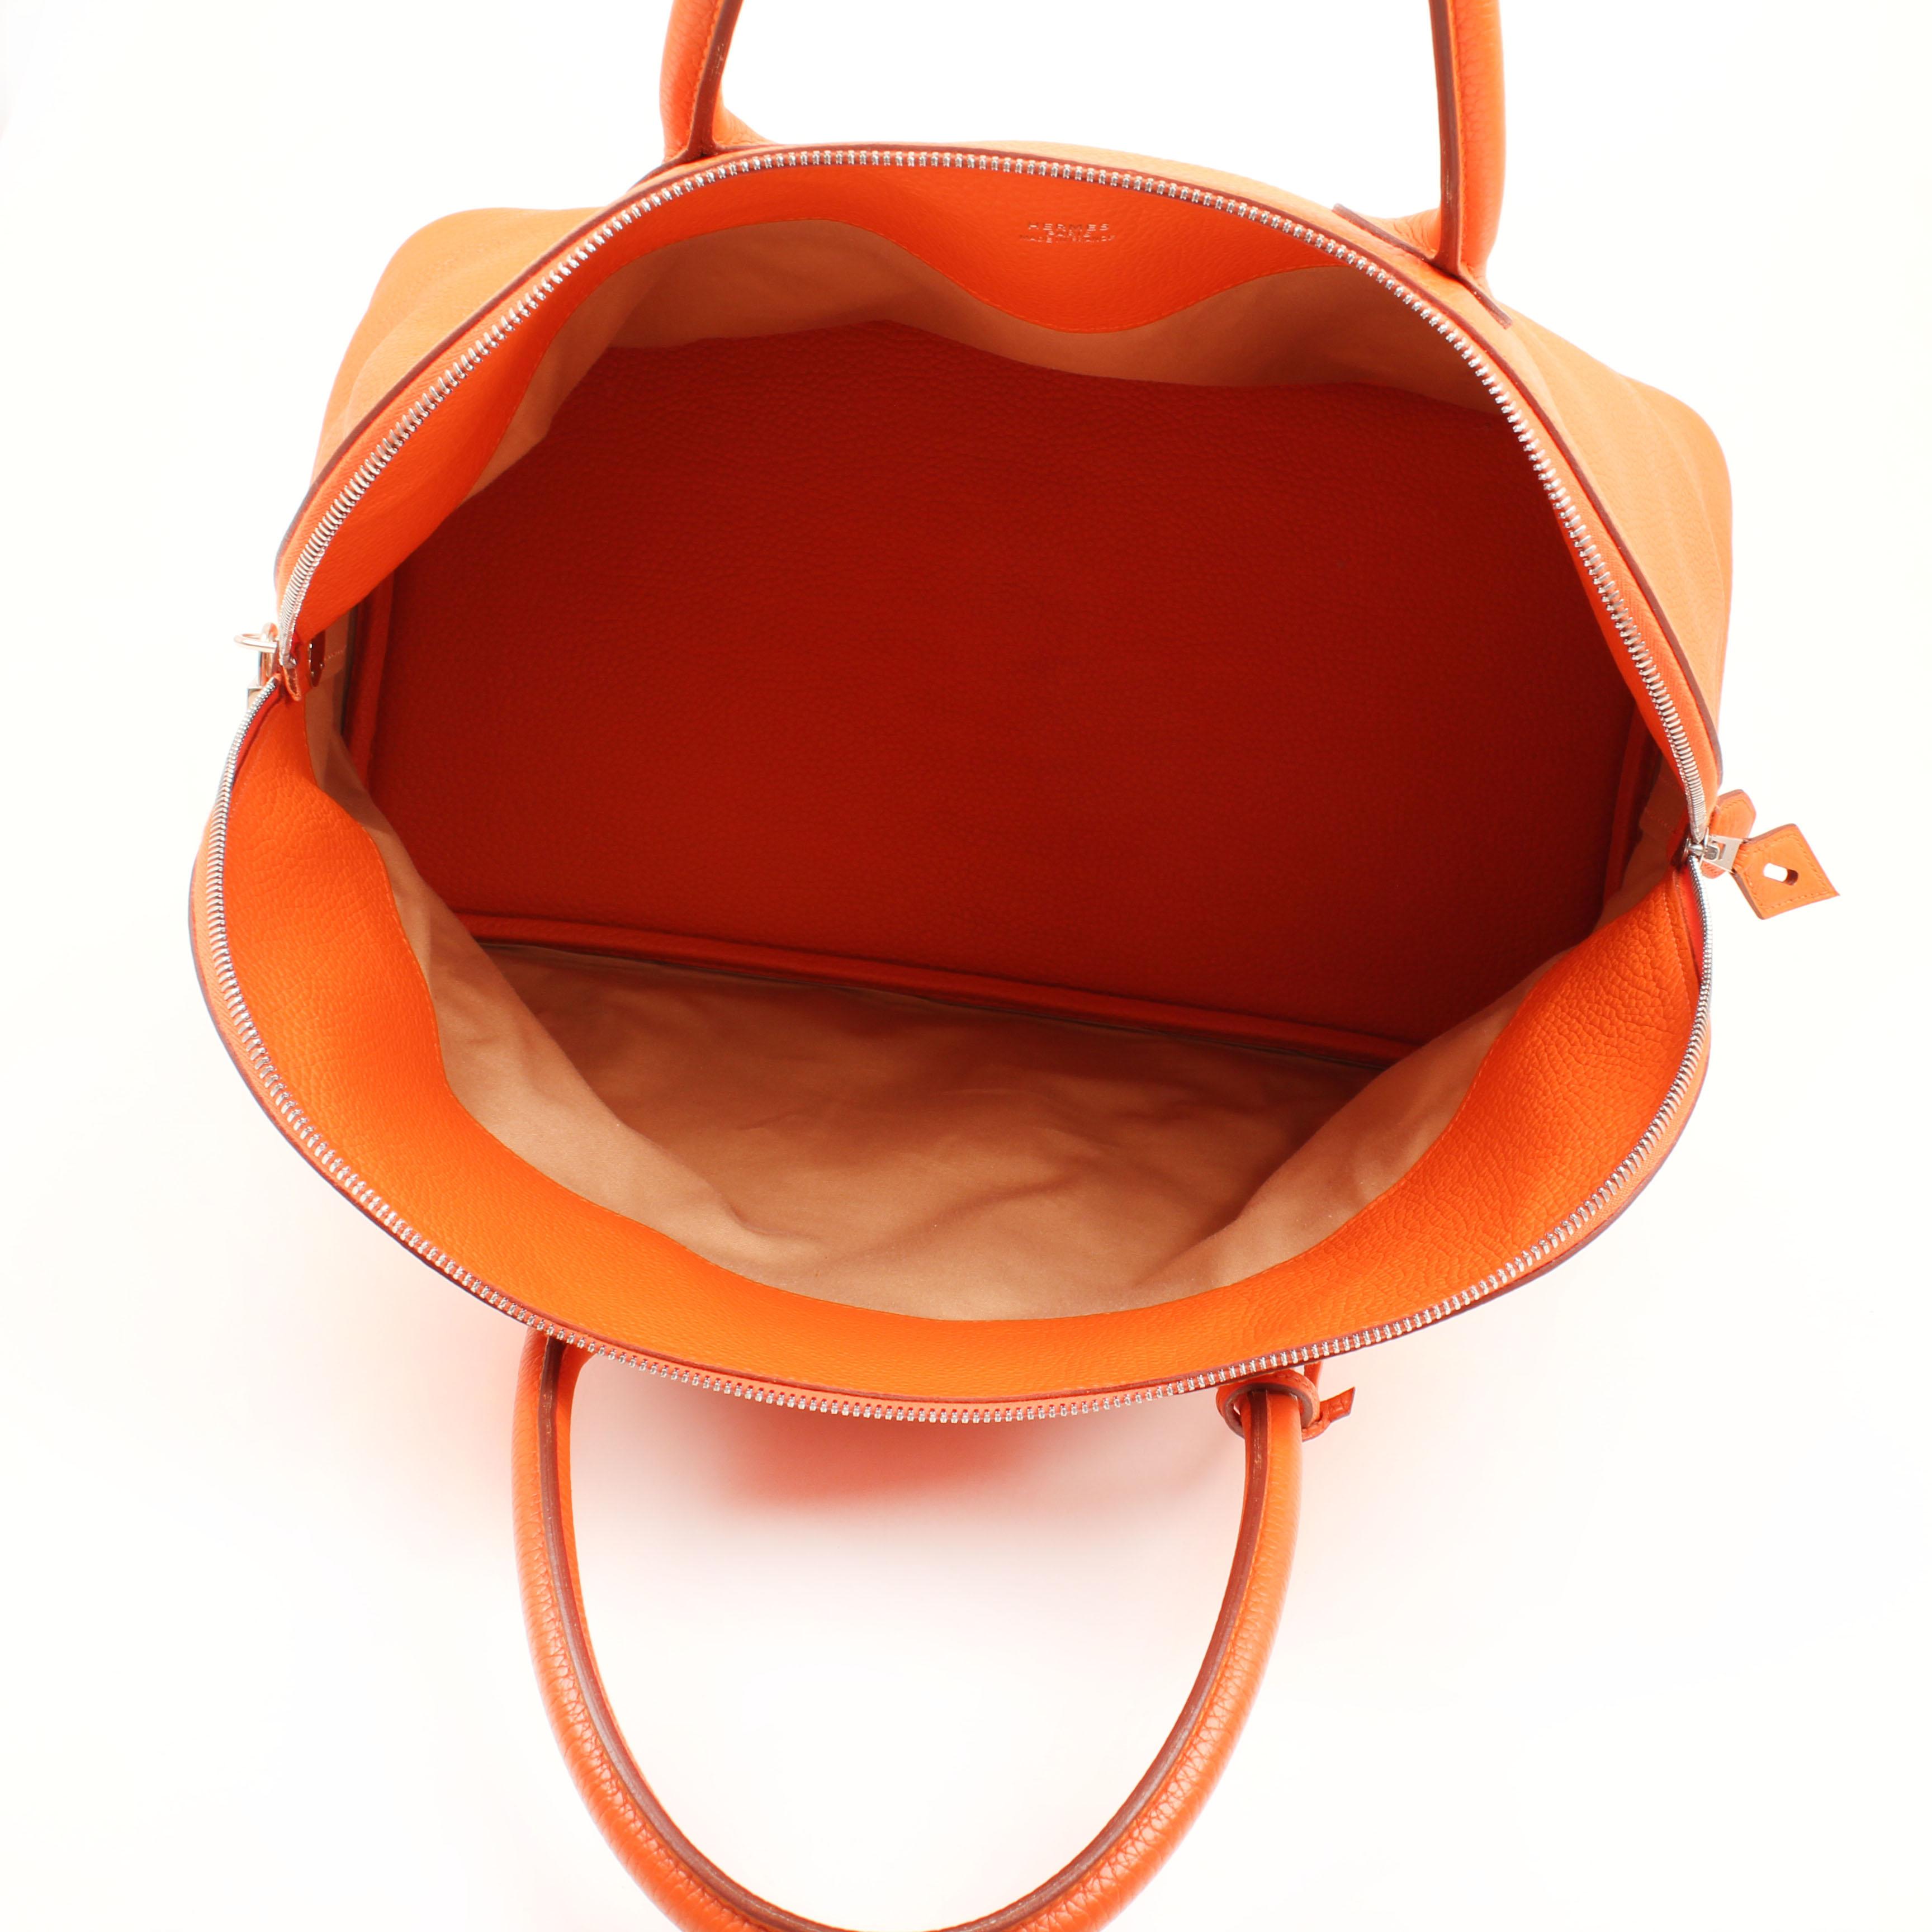 bolsa de viaje hermes bolide 45 piel togo naranja interior